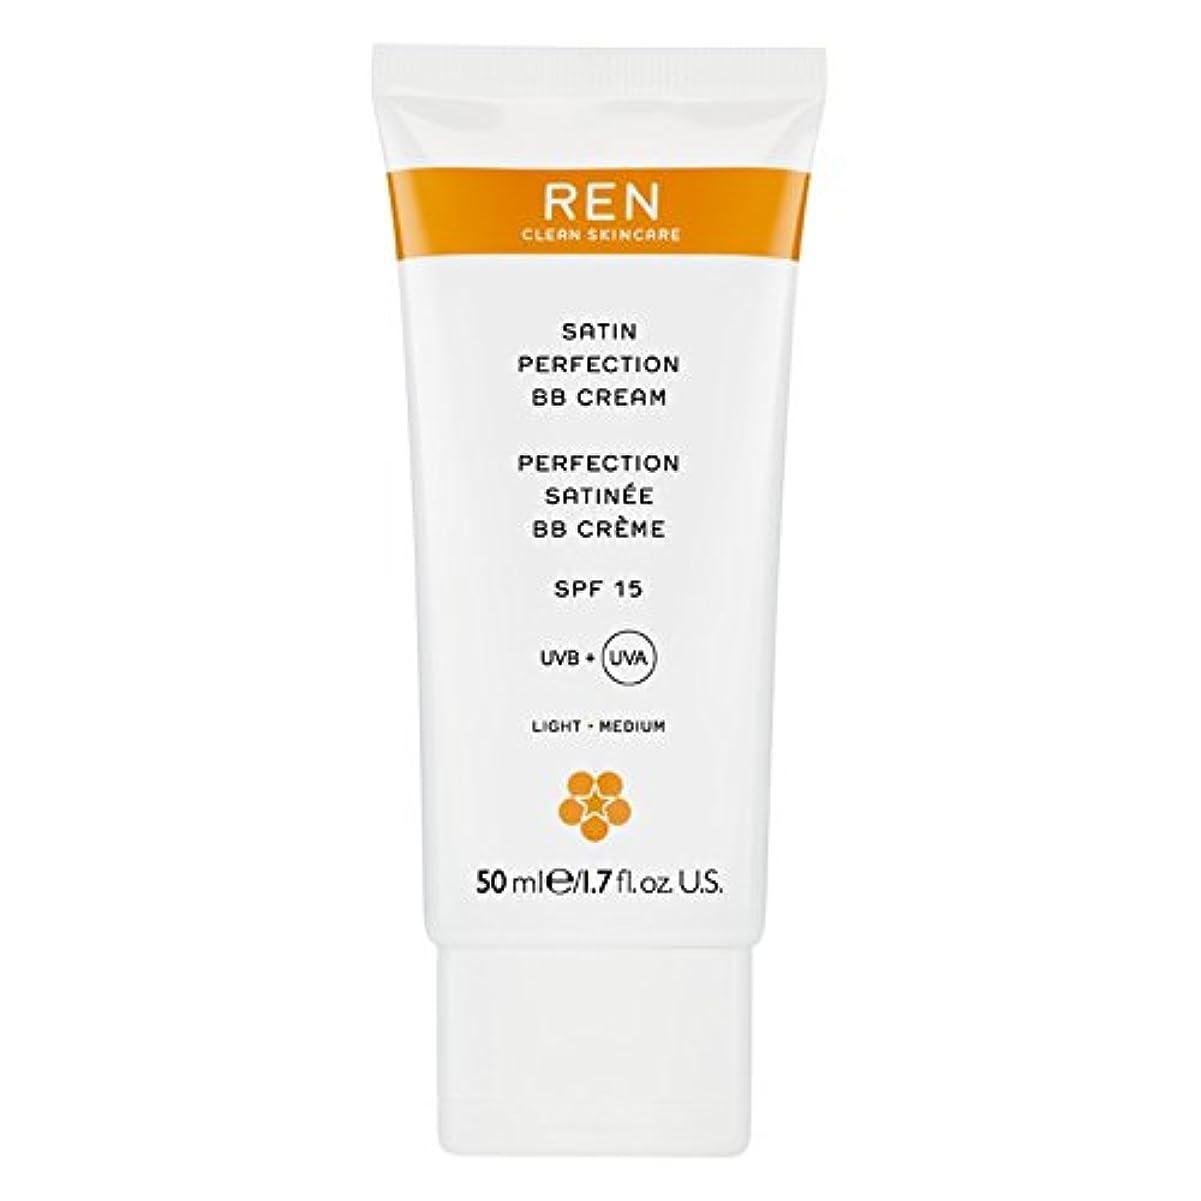 利用可能静けさ権威Renサテン完璧Bbクリーム50ミリリットル (REN) (x2) - REN Satin Perfection BB Cream 50ml (Pack of 2) [並行輸入品]